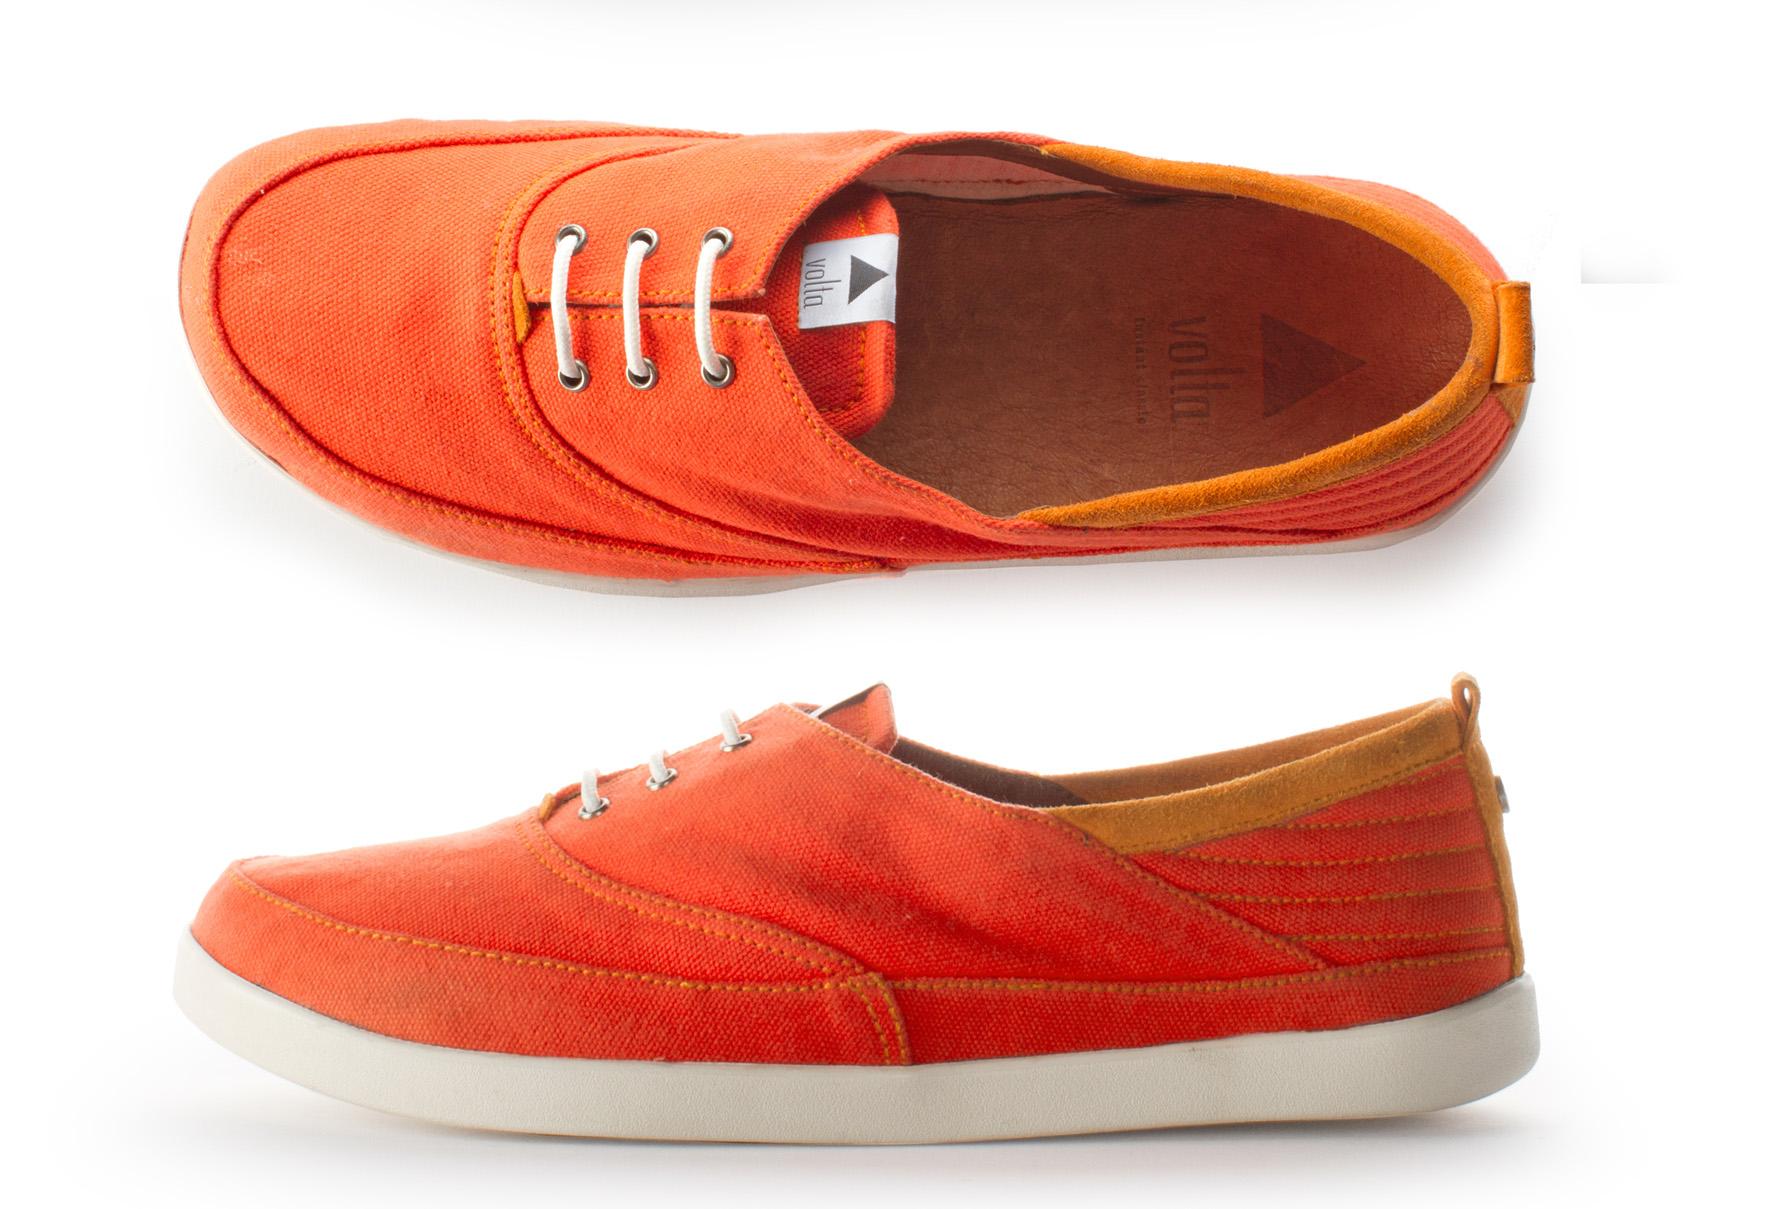 VOLTA footwear still plimsoll UN VIAGGIO LUNGO UNA STRADA   Volta Footwear